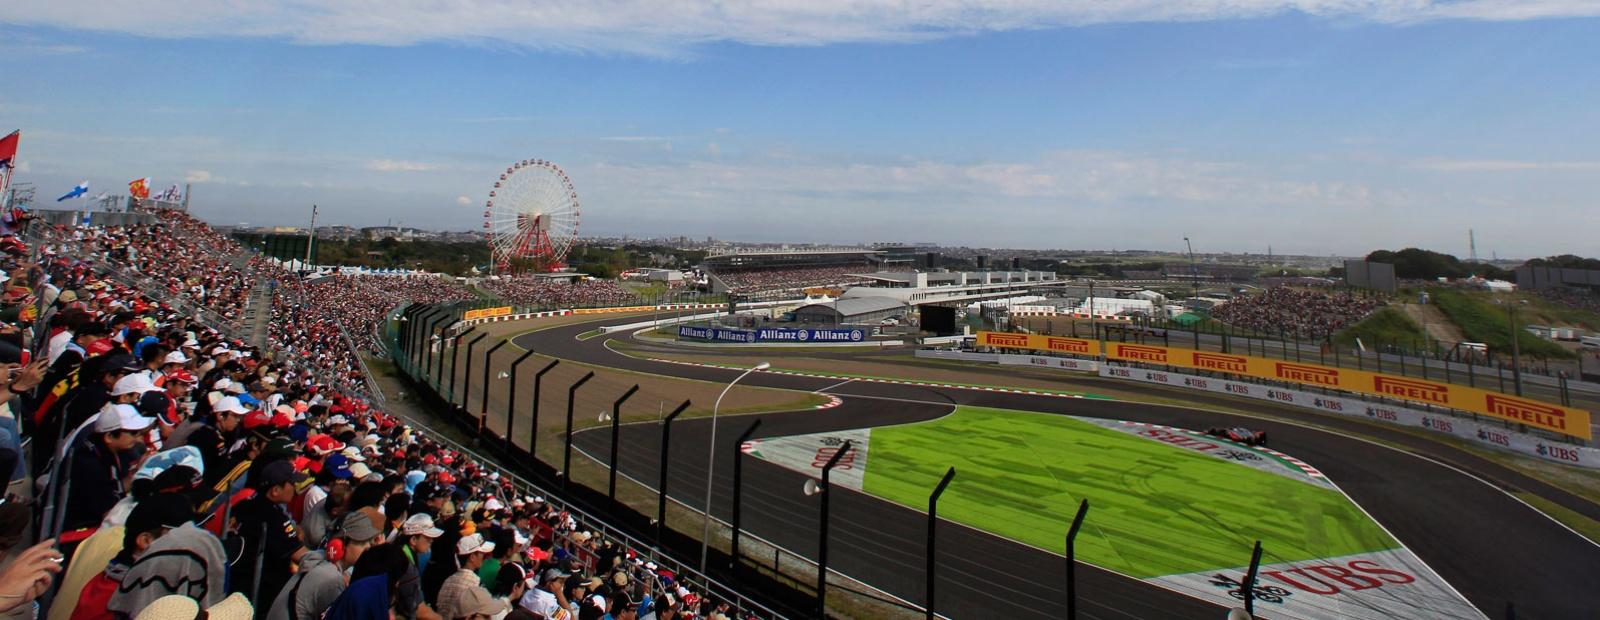 Agenda, horarios del GP de Japón F1 2014 y datos del circuito de Suzuka